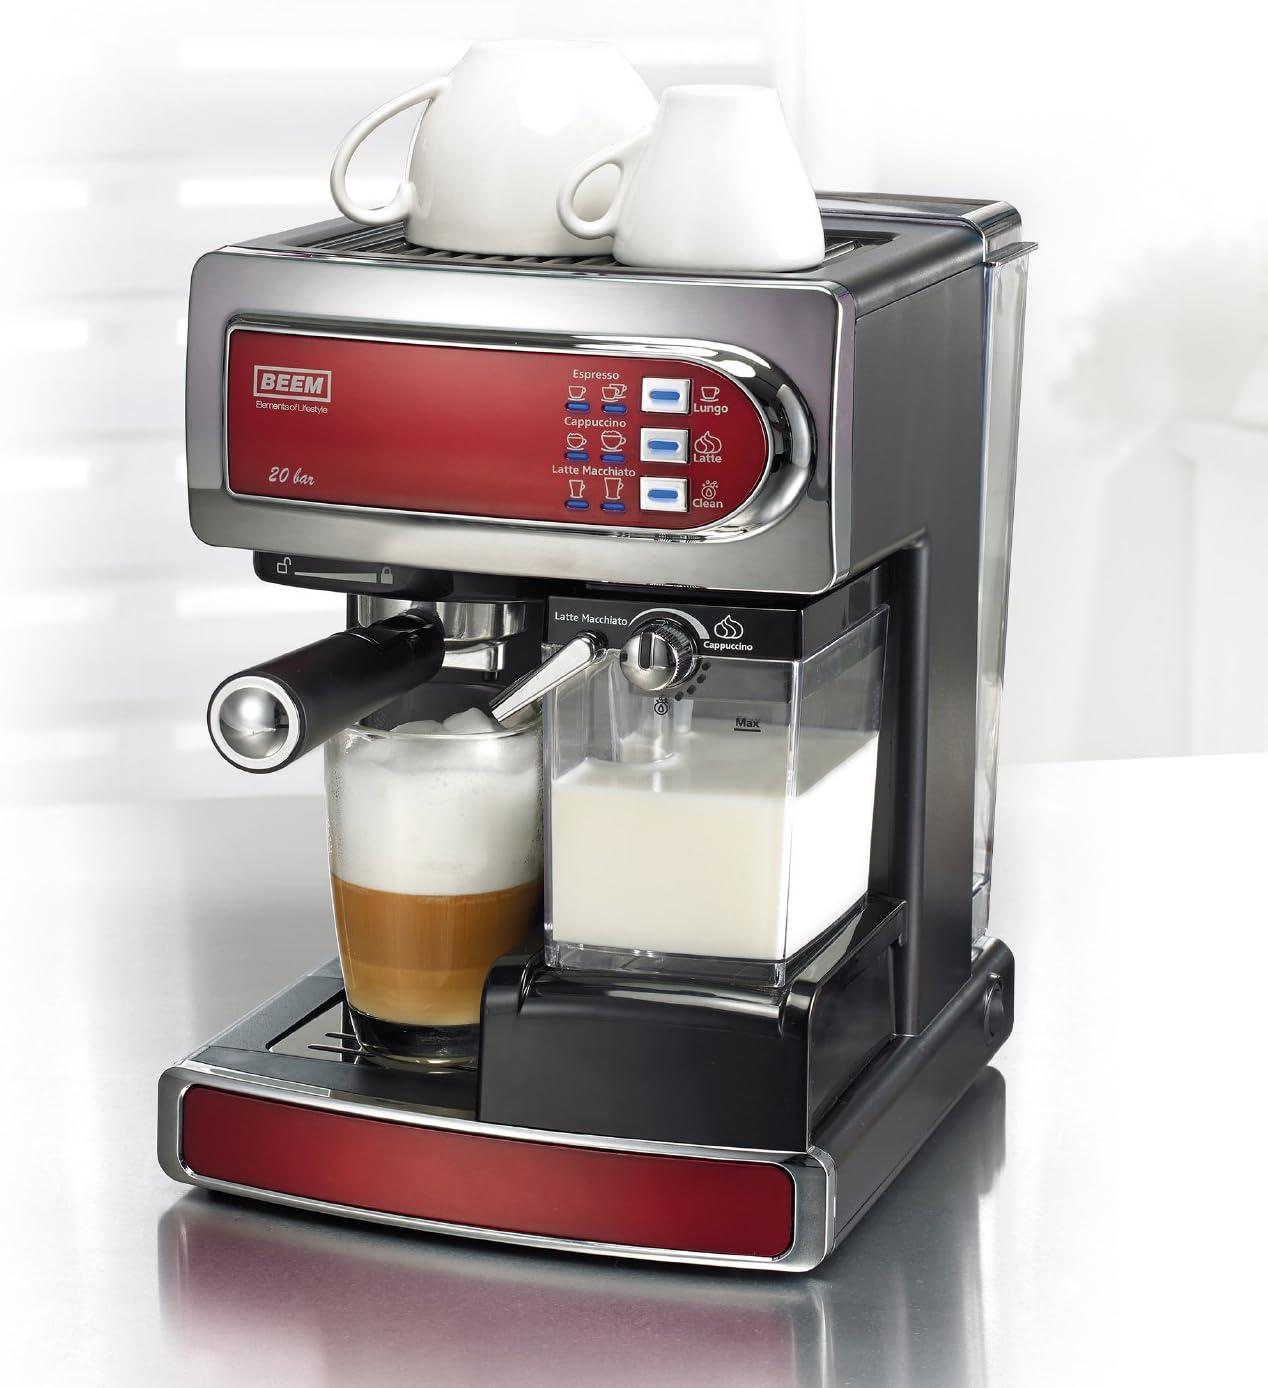 BEEM Germany D2000540 - Cafetera automática, color rojo: Amazon.es ...